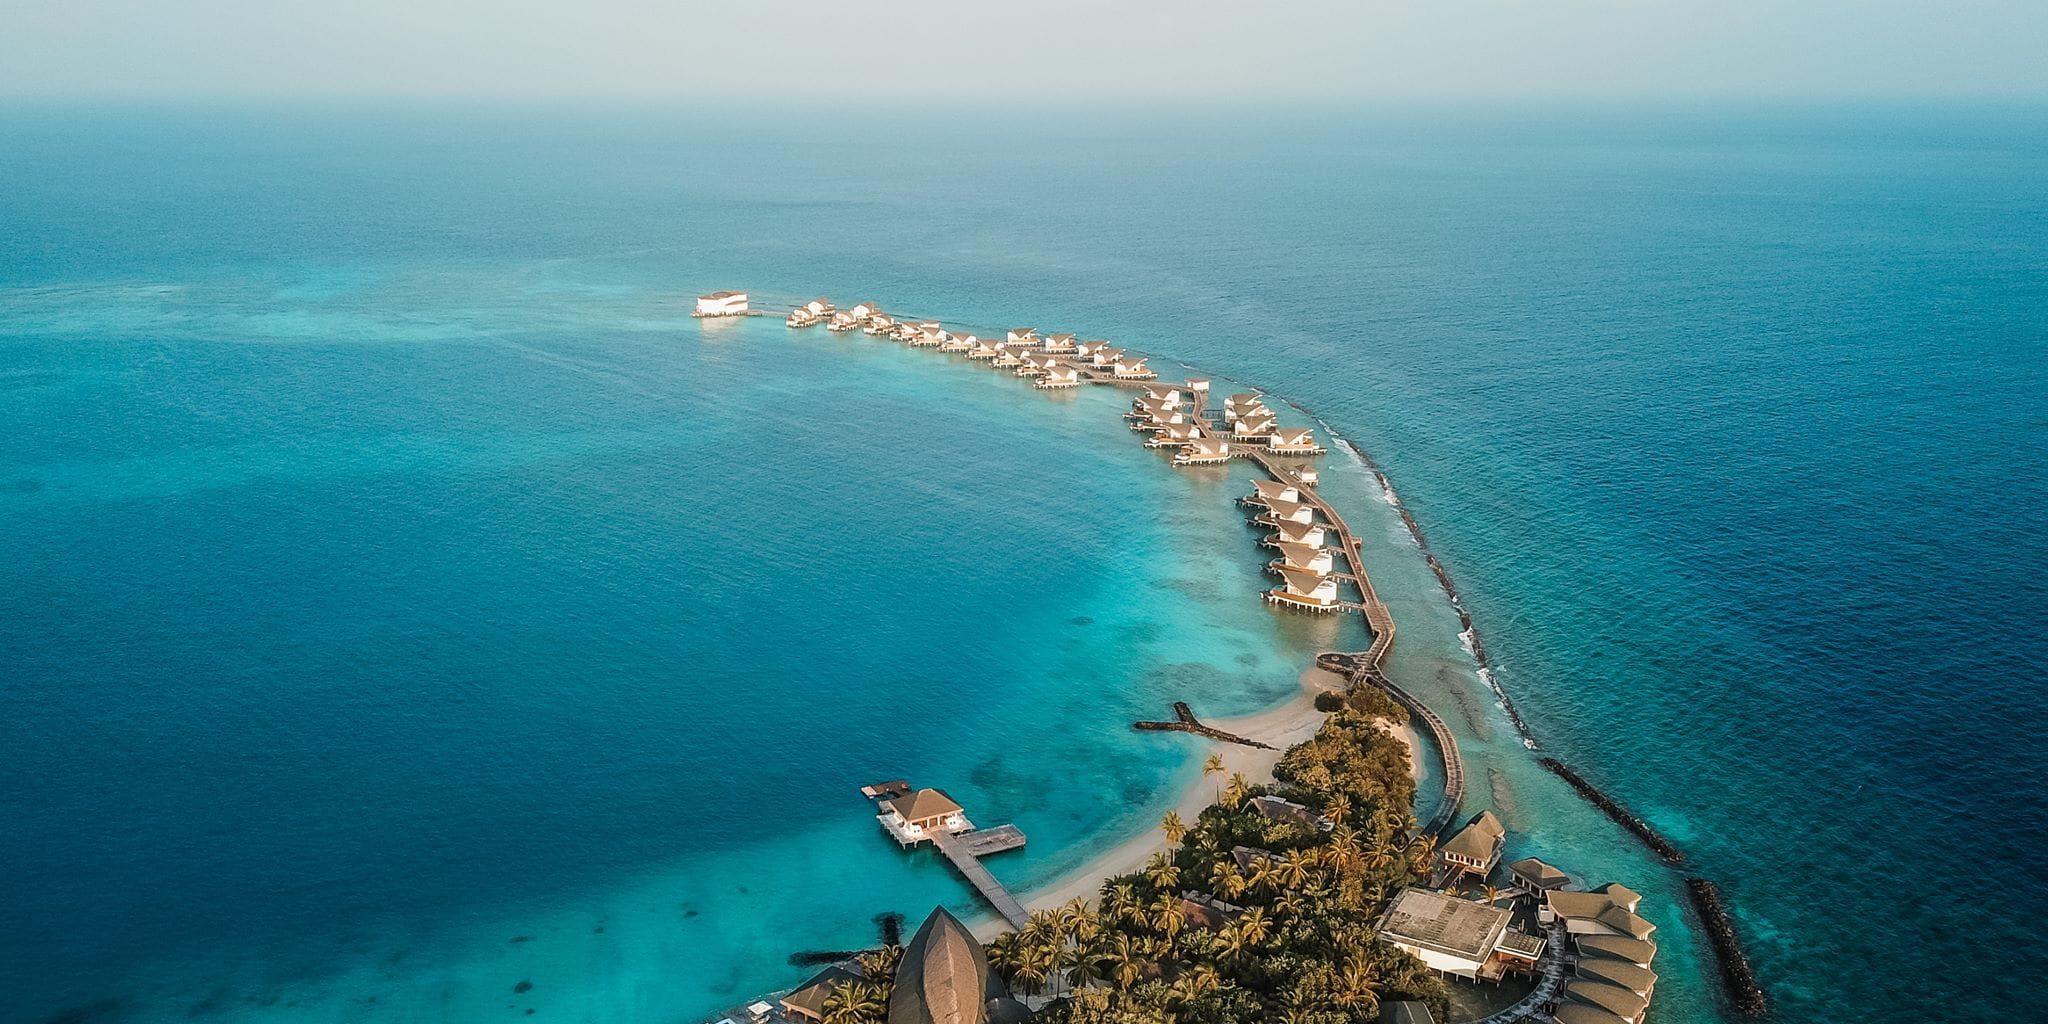 JW Marriott Maldives Aerial Reisen in Style